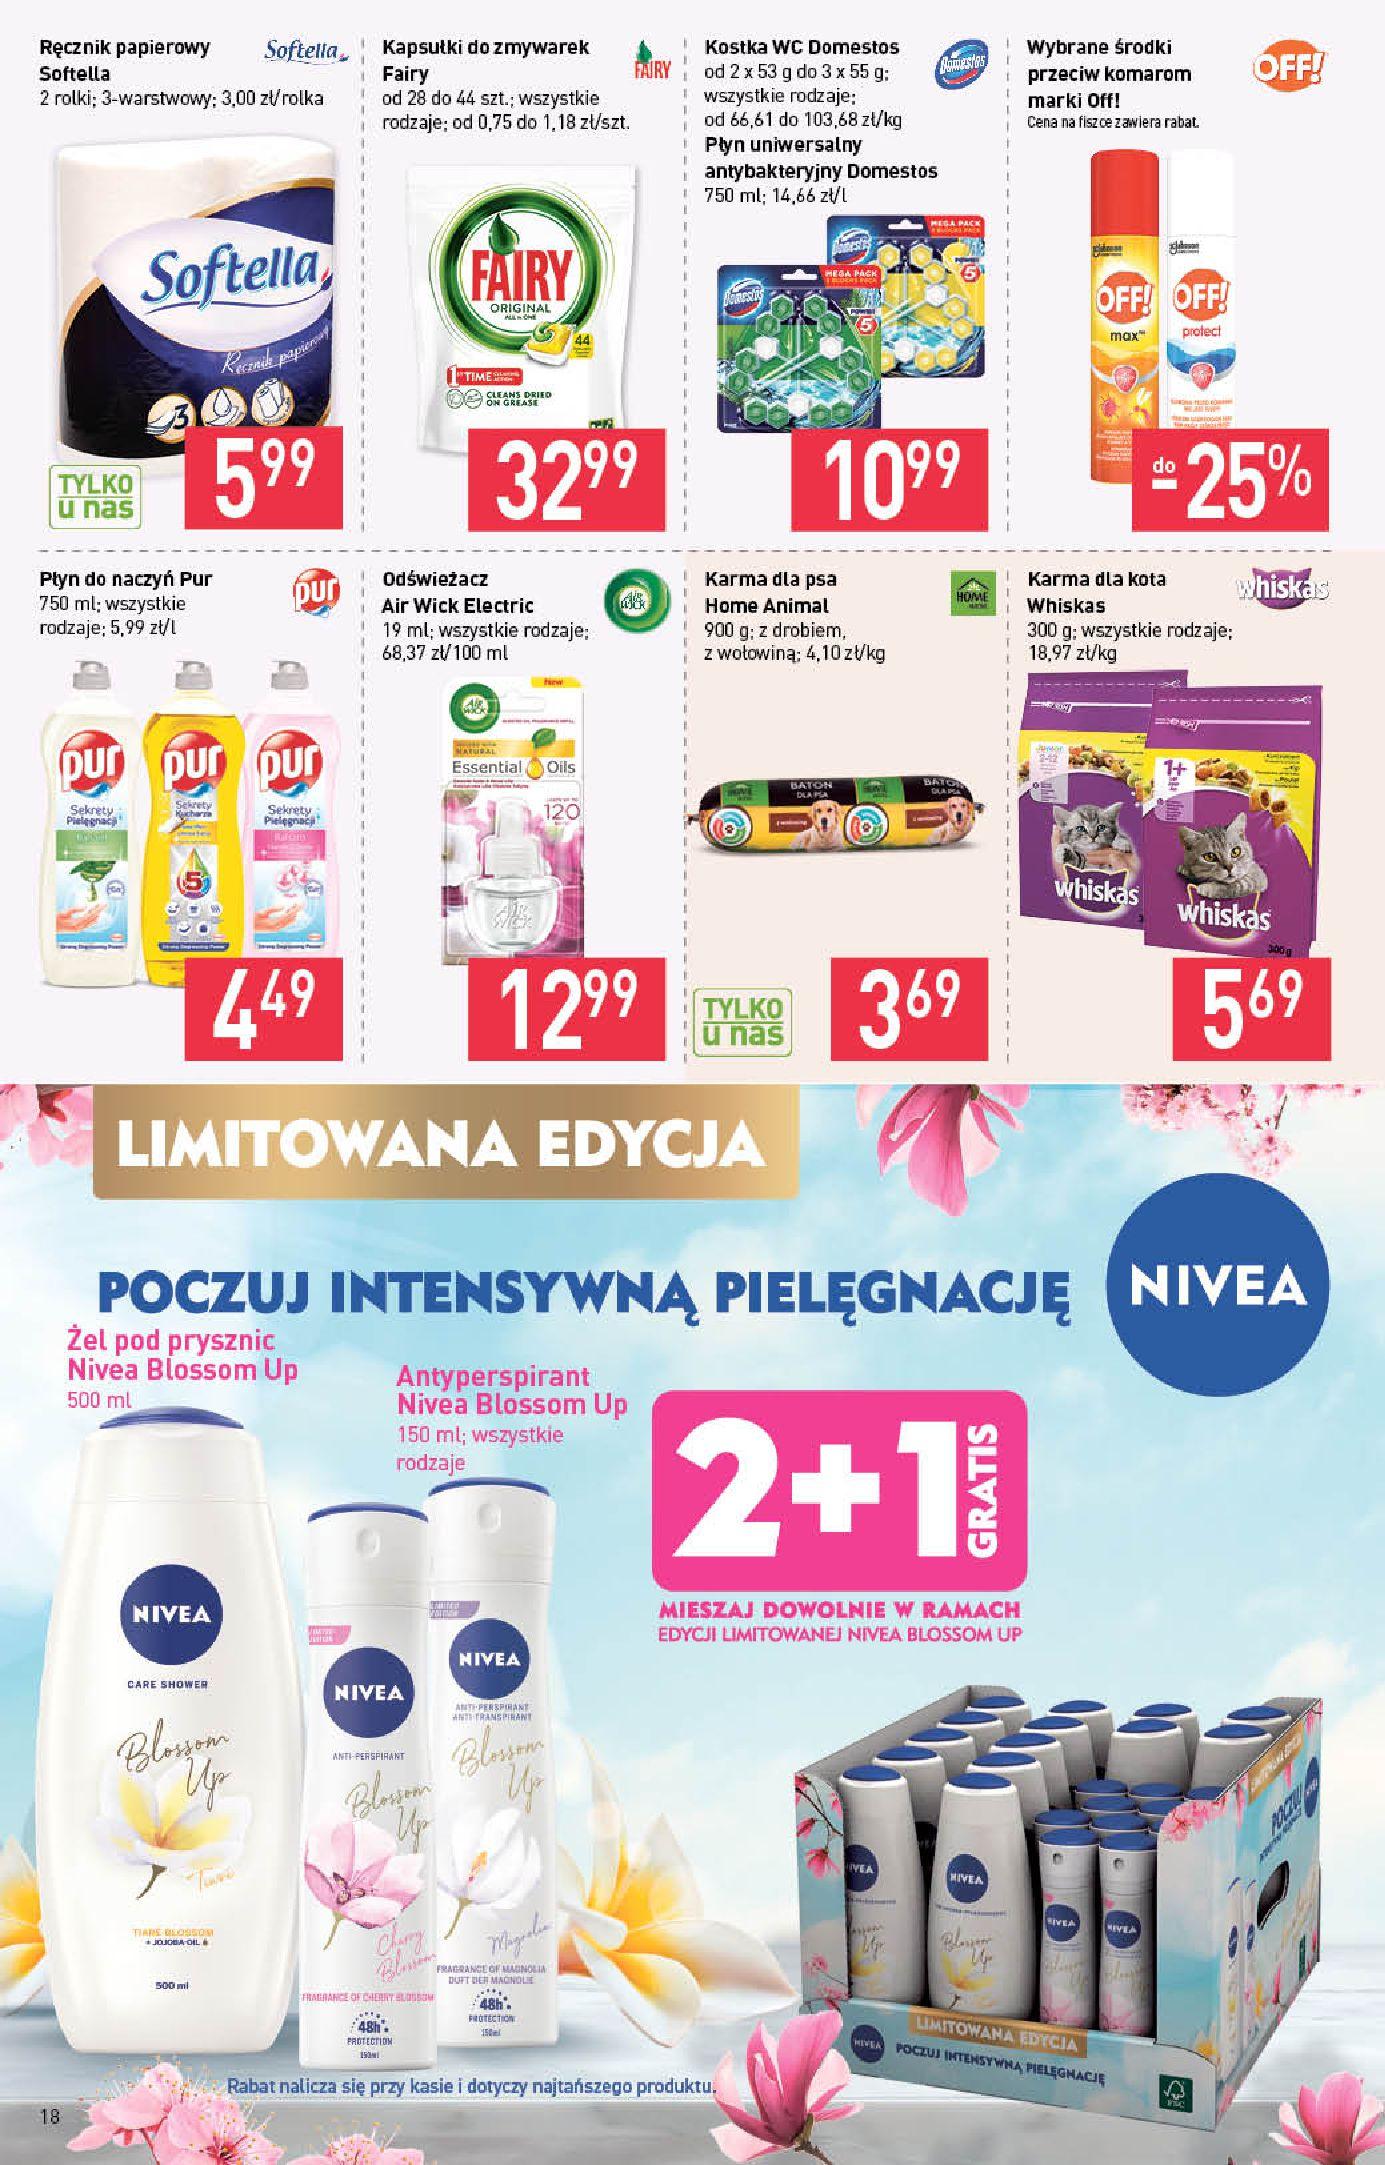 Gazetka Stokrotka Supermarket: Stokrotka Supermarket_IMPORTED_20210720130049 2021-07-22 page-18